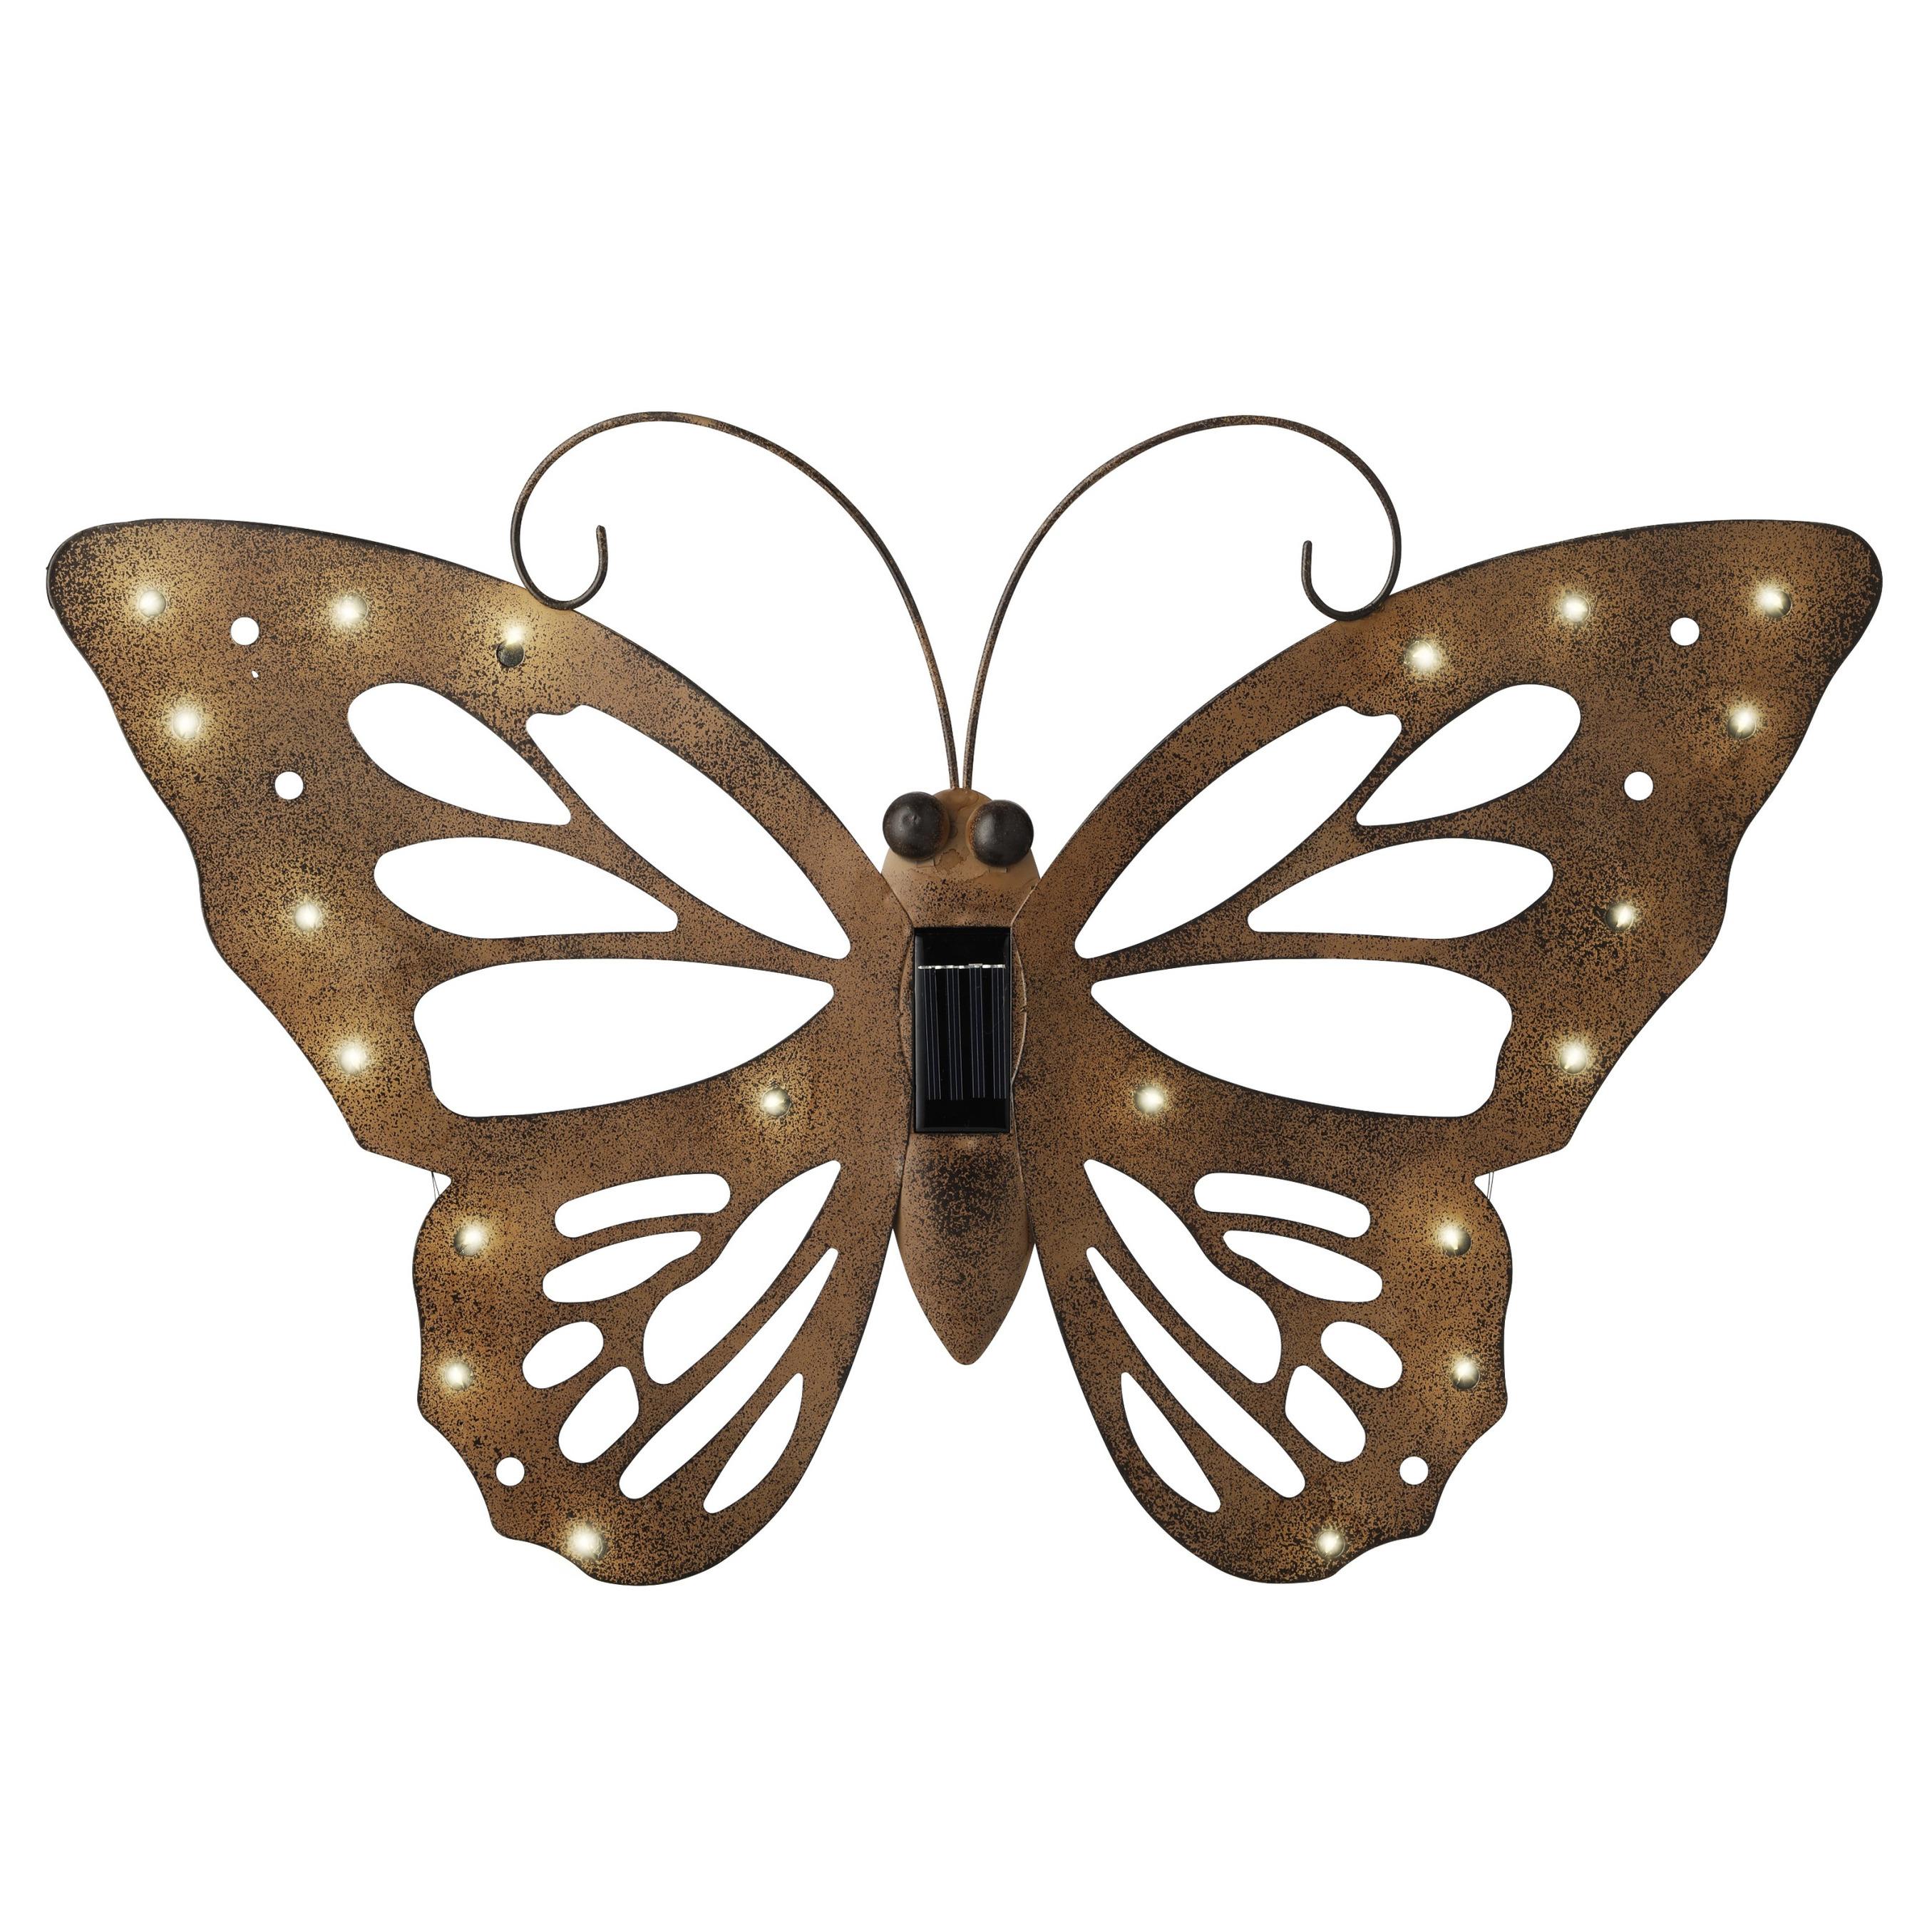 IJzeren decoratie vlinder met solar verlichting 53 x 35 cm